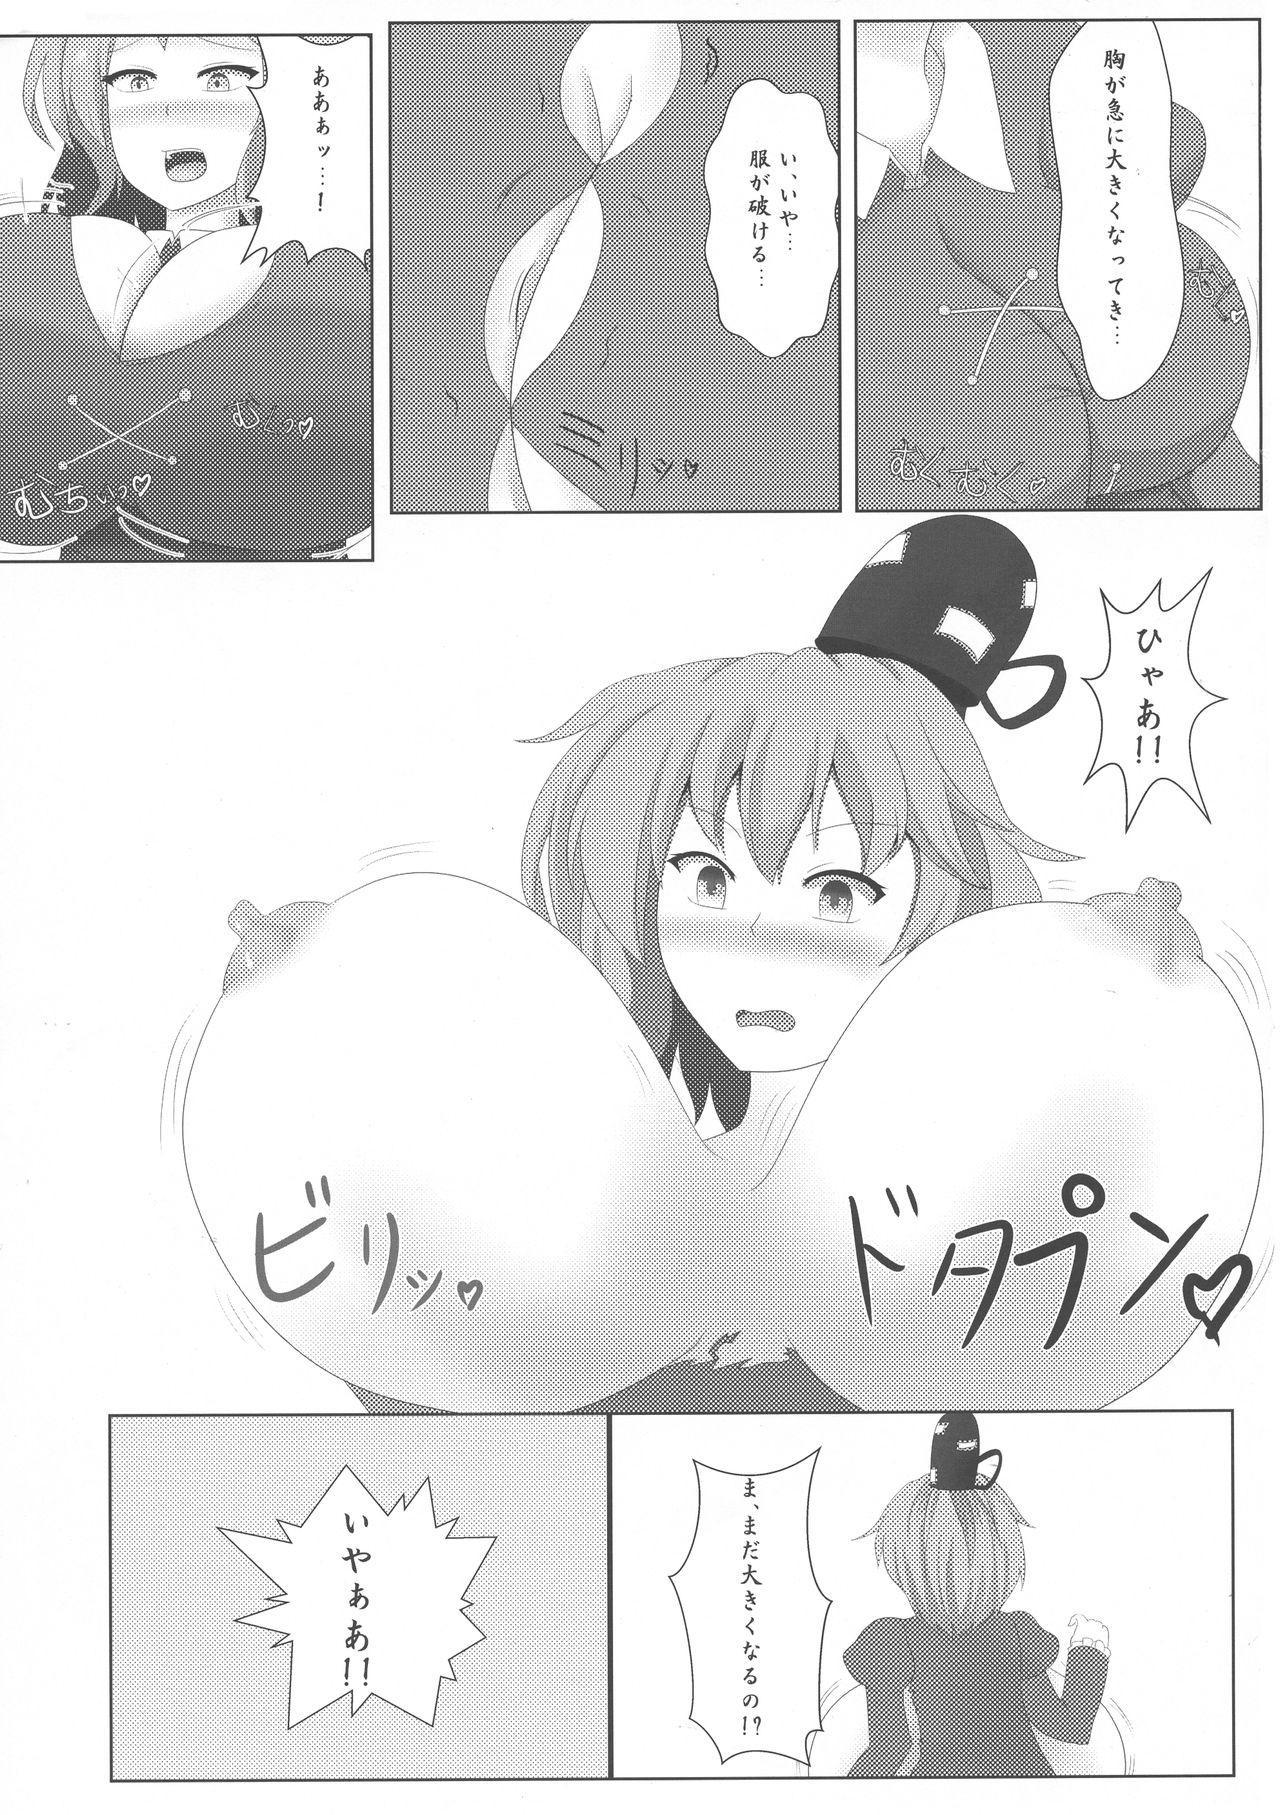 (Reitaisai 15) [HORIC WORKS (Various)] Touhou Bouchou-kei Sougou Goudou-shi `Boujo 2!!!!!!!!' (Touhou Project) 32